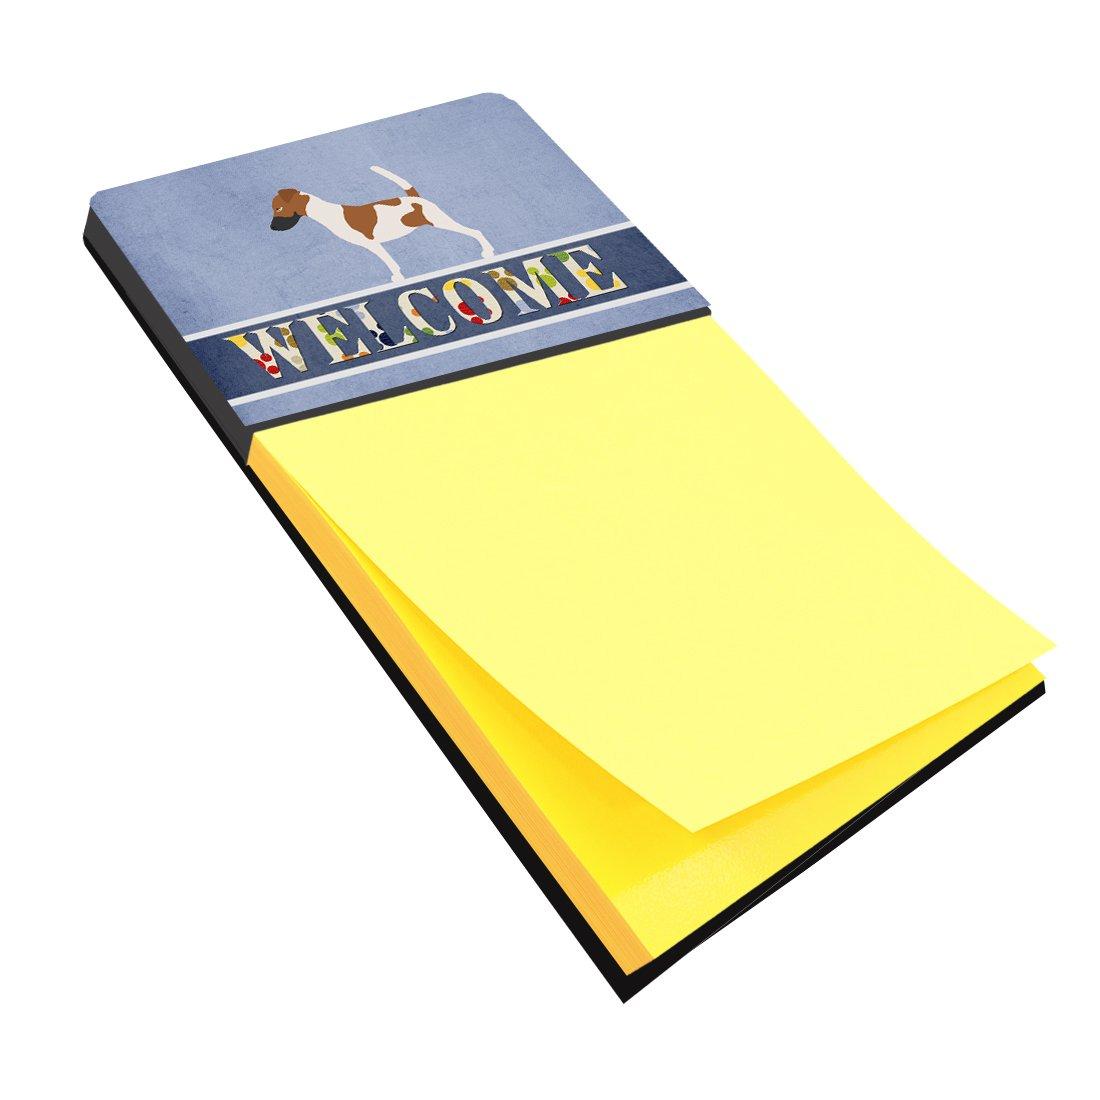 Multicolor BB8279SN Carolines Treasures Desk Artwork Notepad Holder